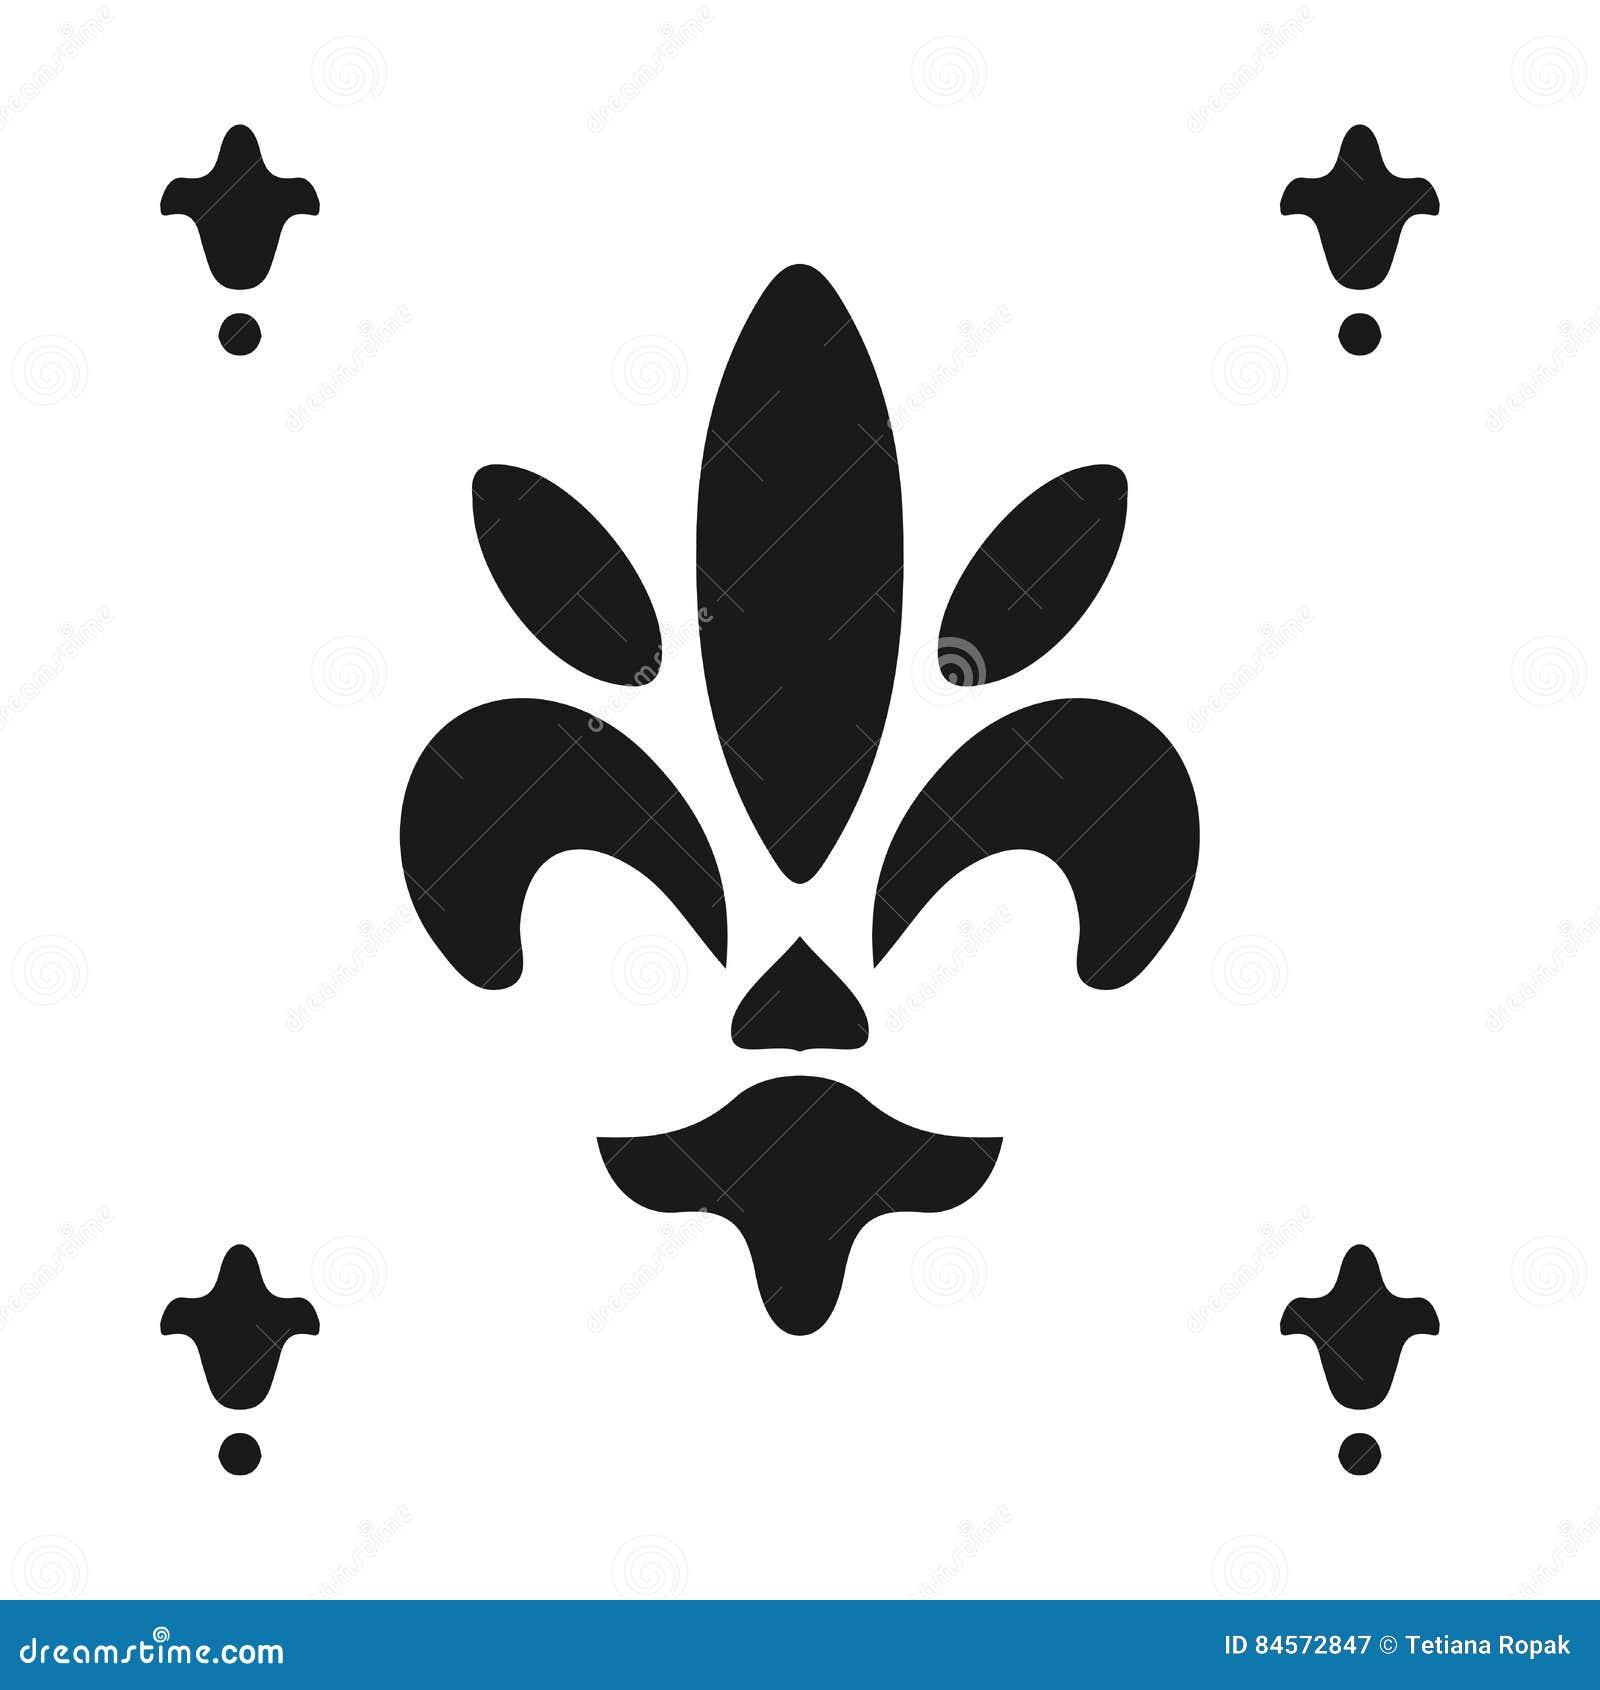 Fleur de lis symbol silhouette heraldic symbol vector royalty free vector biocorpaavc Gallery